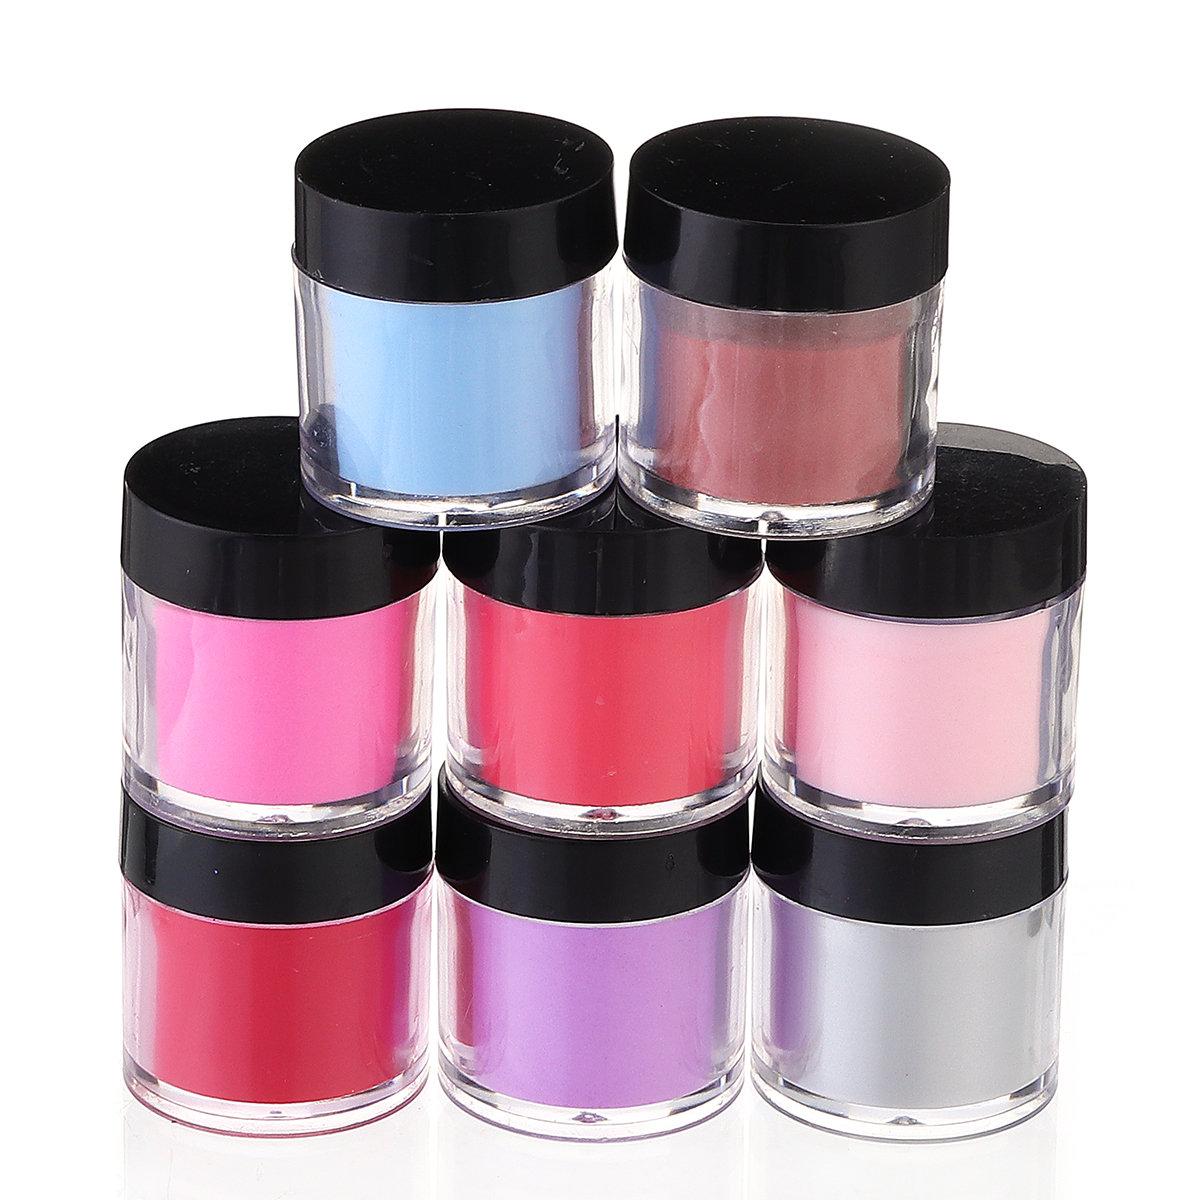 8 Colors Nail Dipping Powder 10ML Nail Decoration Powder DIY Nail Art Beauty Manicure Tool